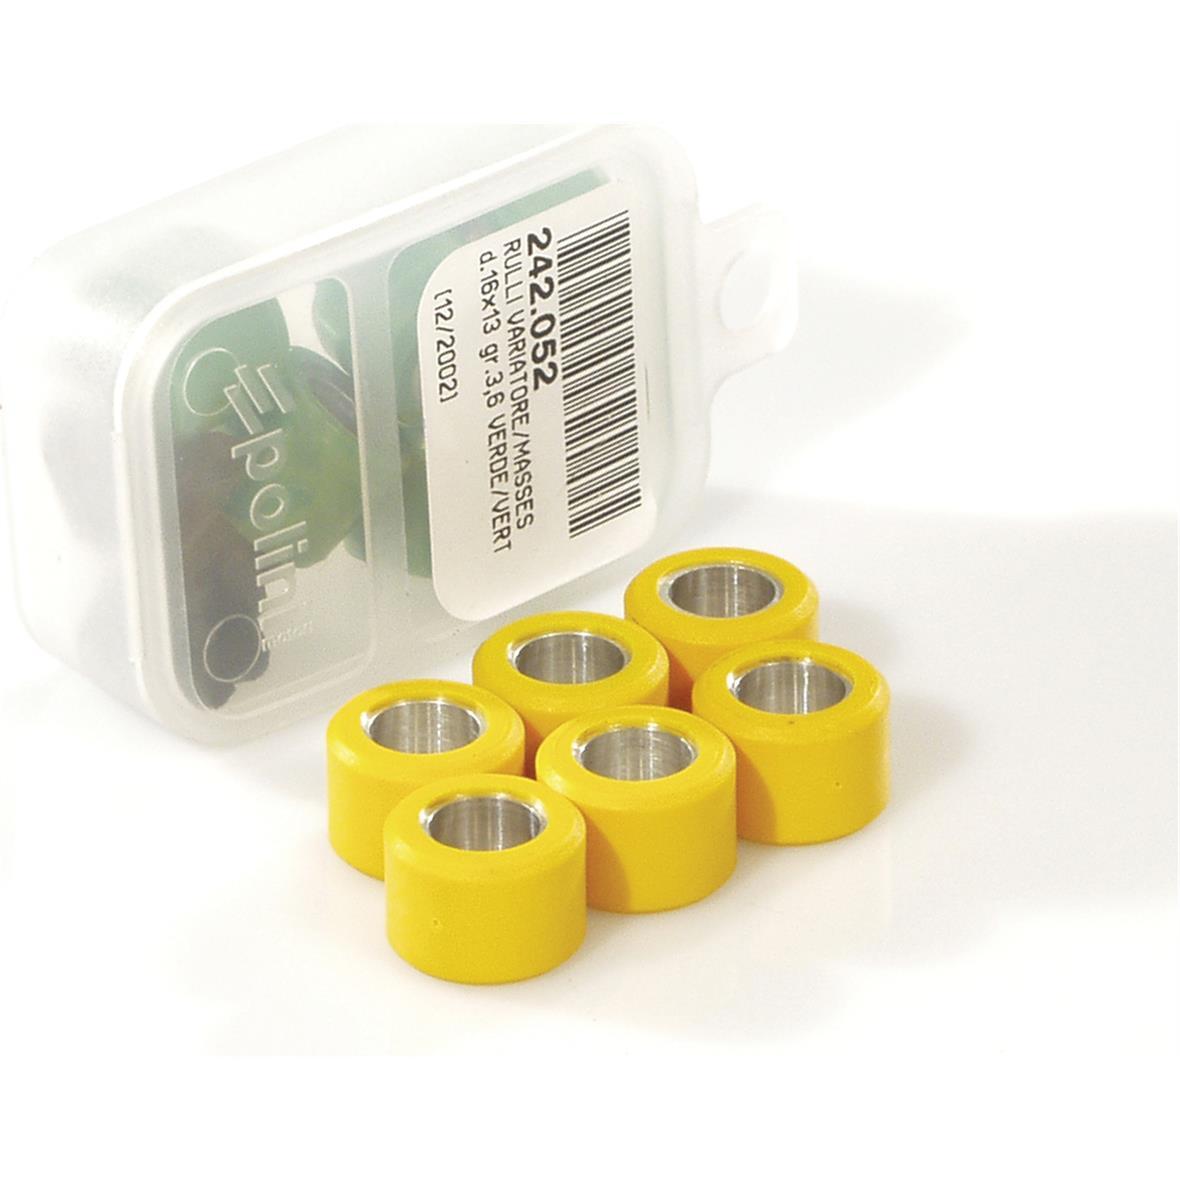 Productafbeelding voor 'Variateur Rollen POLINI 23x18 mm 16,0 gramTitle'